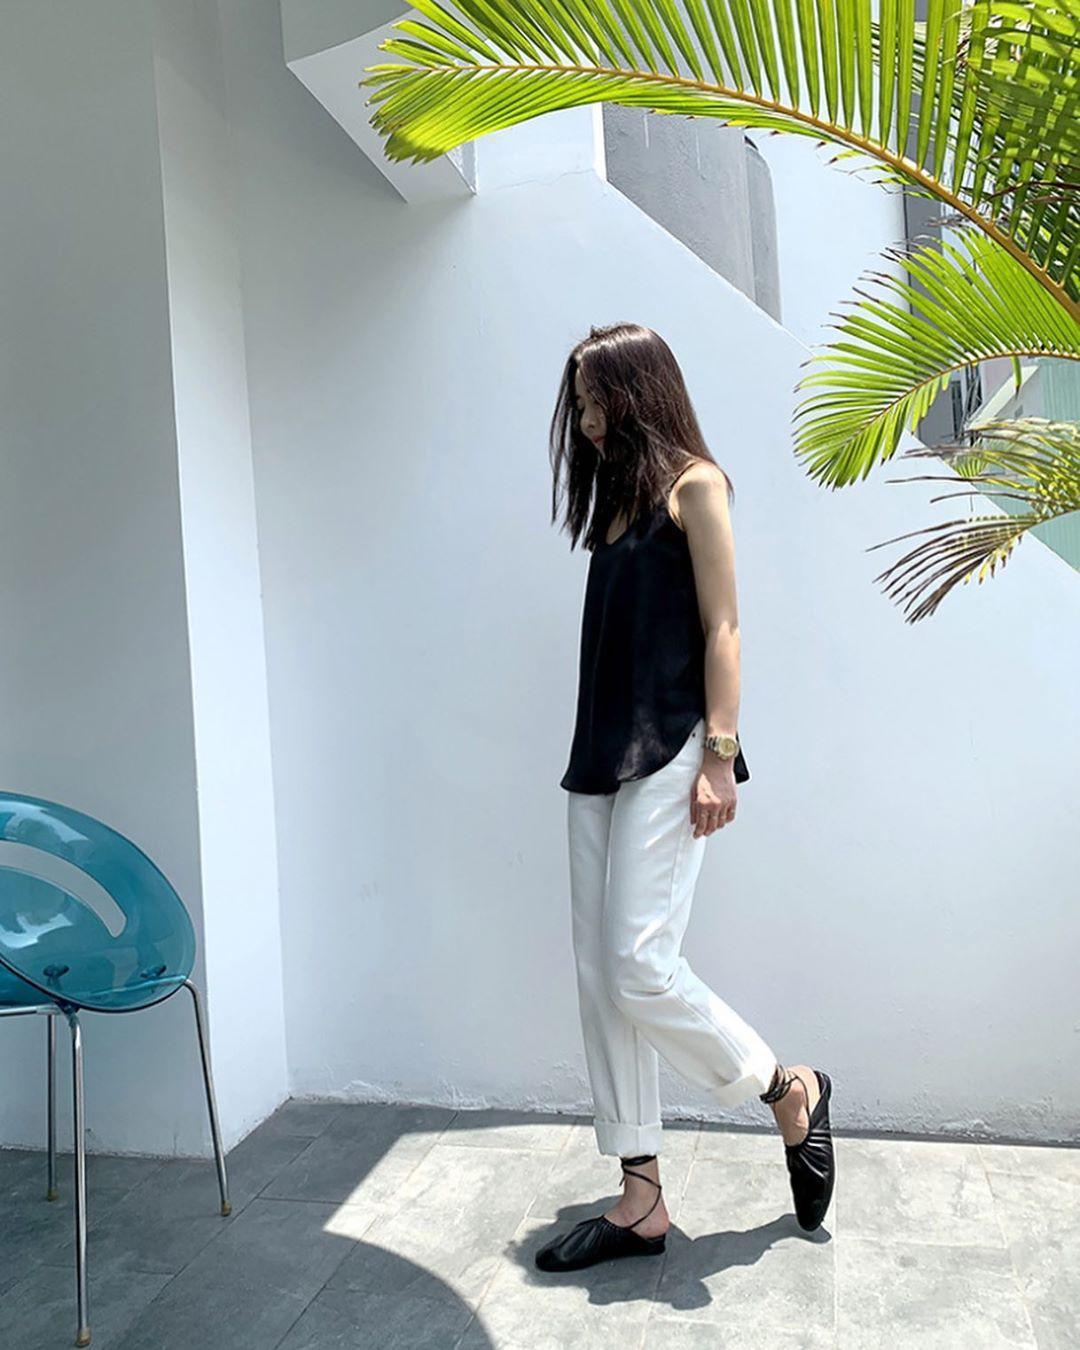 Muốn mặc đẹp hãy tham khảo 15 bộ đồ từ street style châu Á dưới đây, với rất nhiều gợi ý váy áo thô/đũi mát mẻ - Ảnh 2.